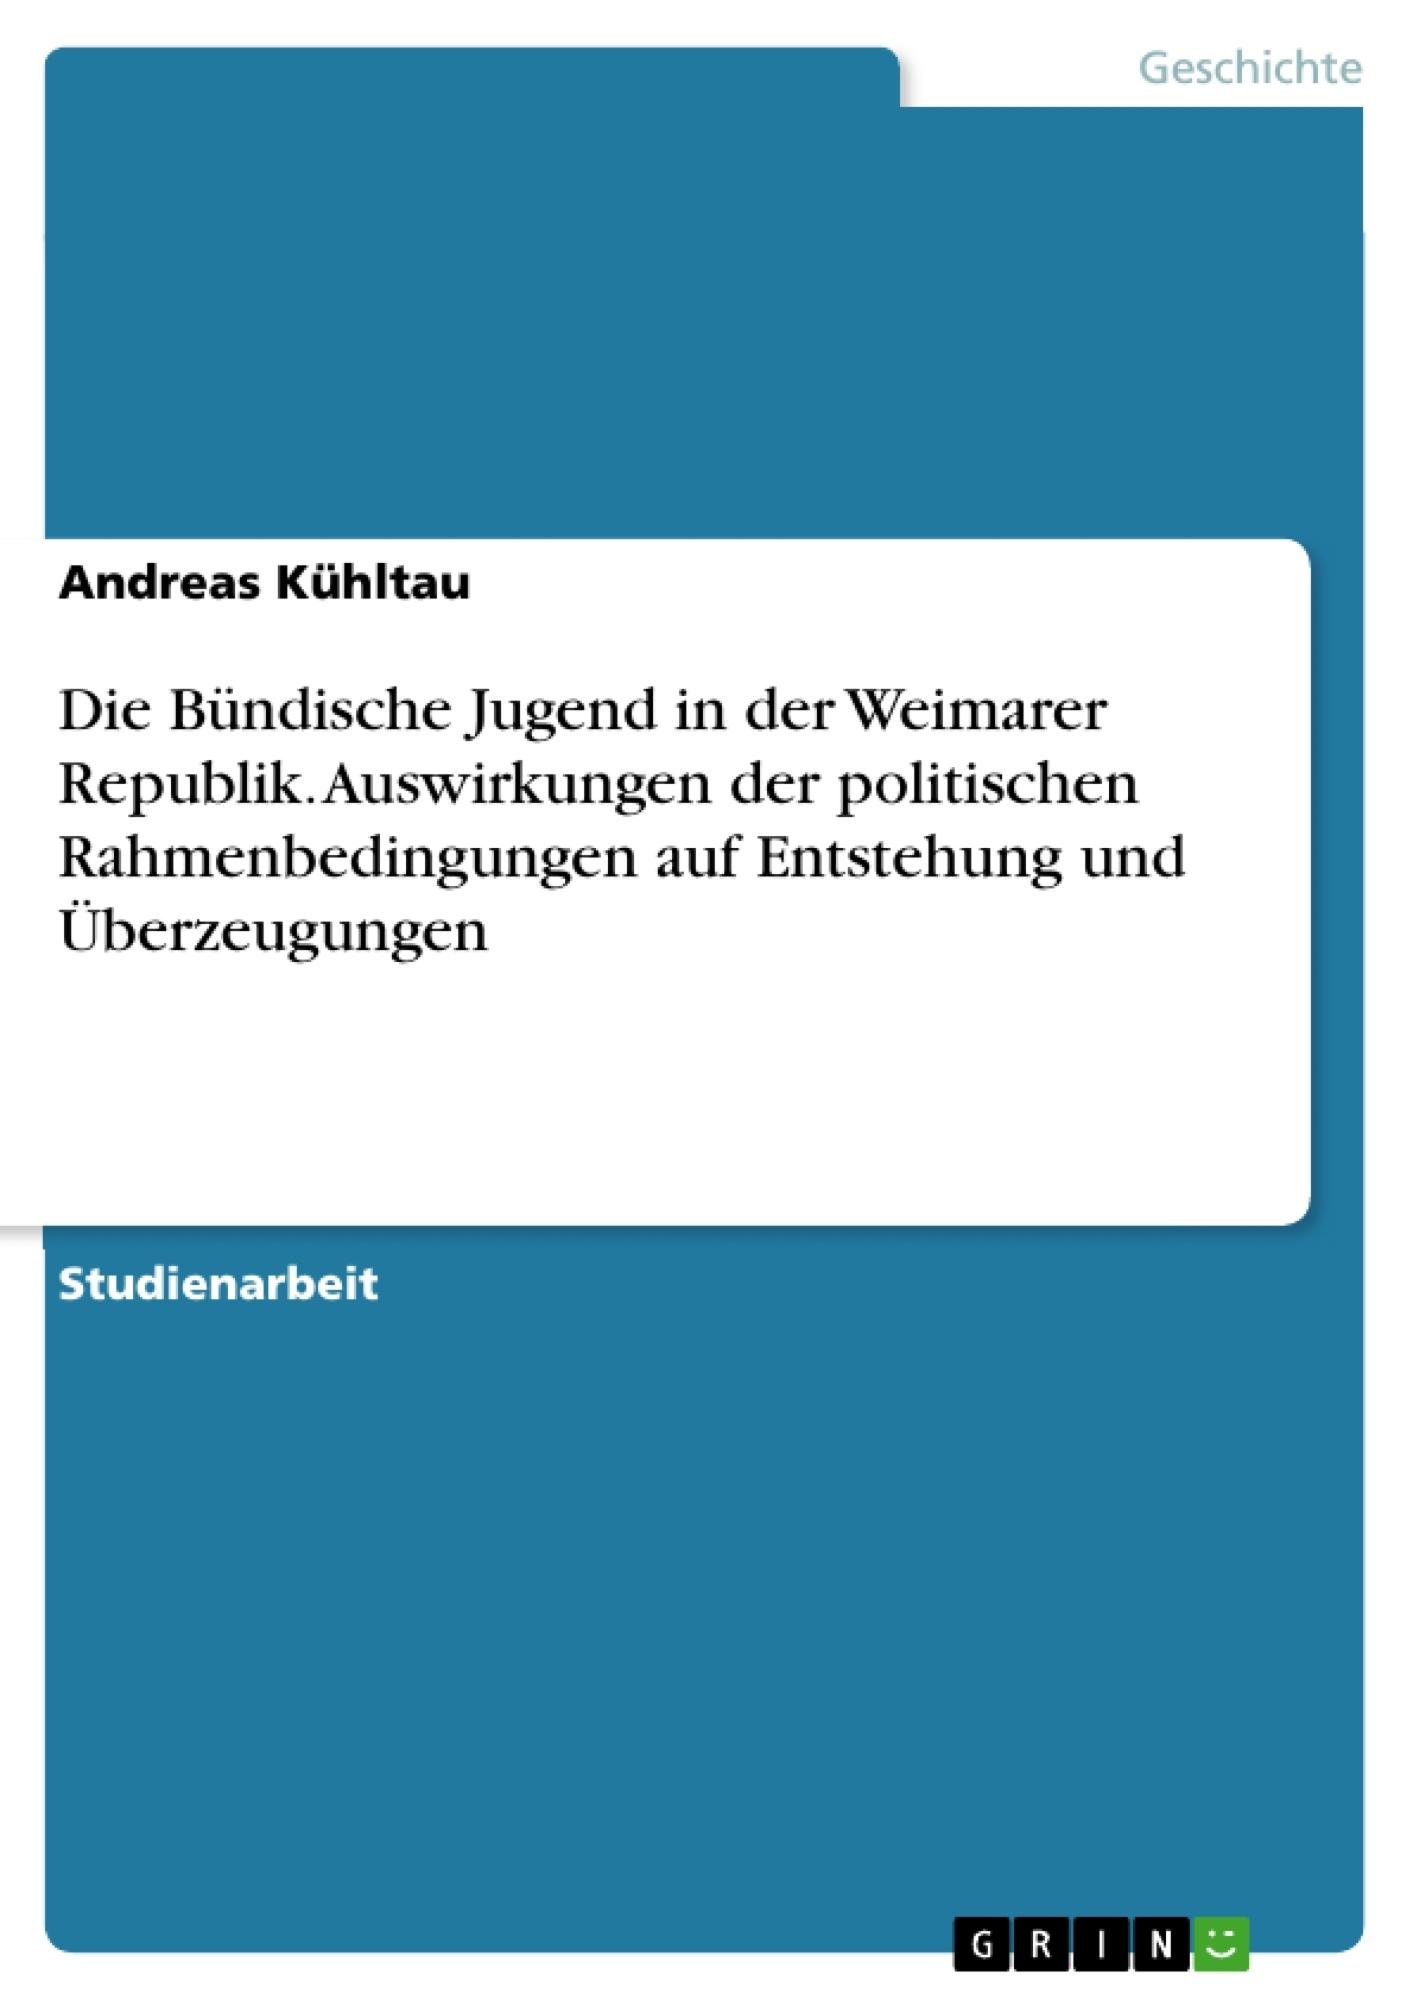 Titel: Die Bündische Jugend in der Weimarer Republik. Auswirkungen der politischen Rahmenbedingungen auf Entstehung und Überzeugungen